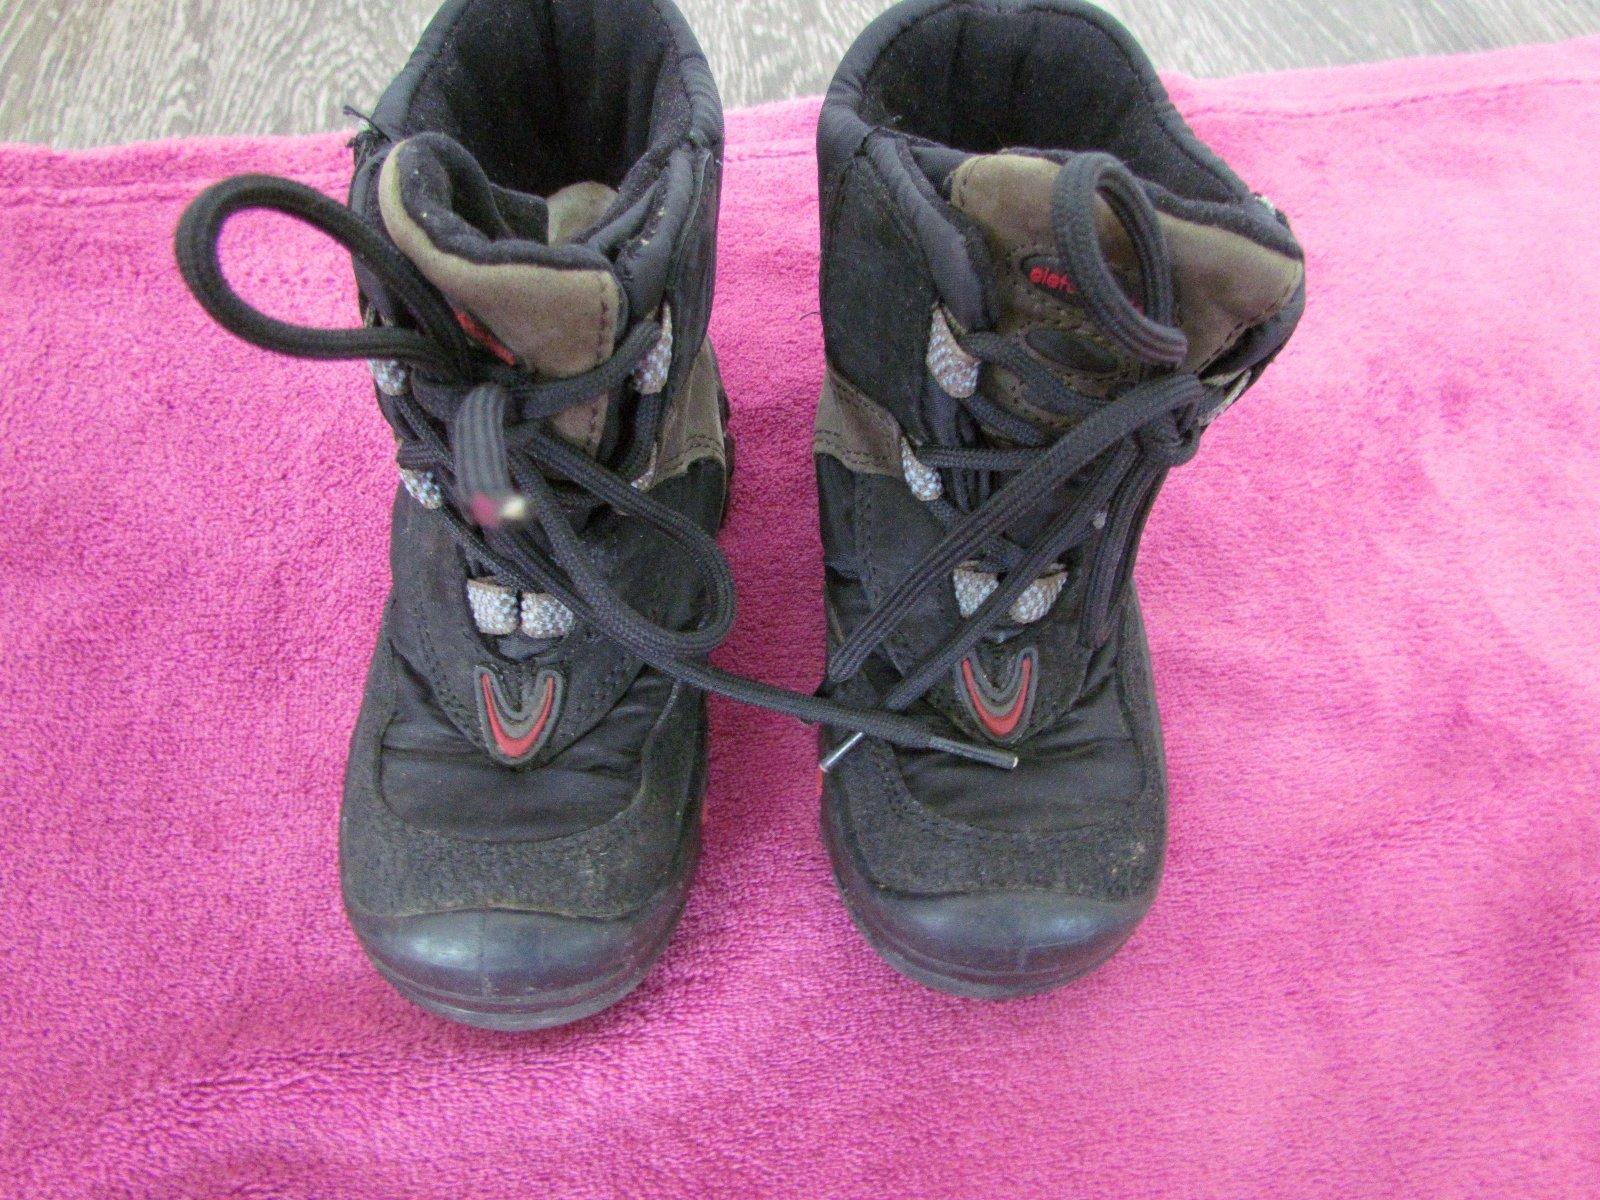 Zobraz celé podmínky. Podzimní zimní boty elefanten ... d09388d9db